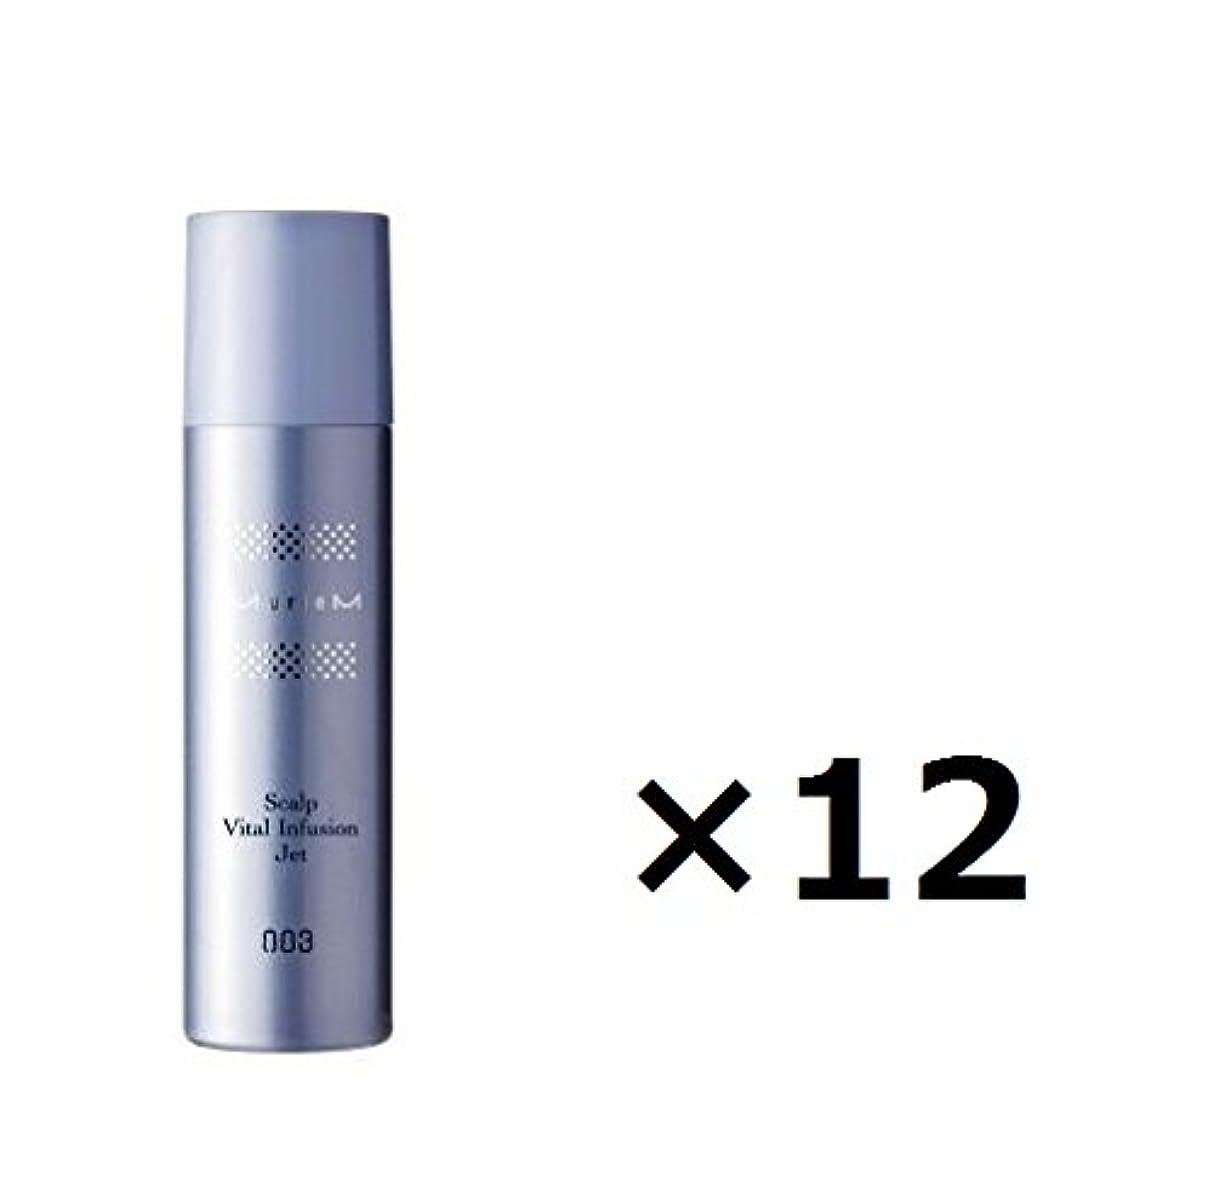 【12本セット】ナンバースリー ミュリアム 薬用スカルプバイタル インフュージョンジェット 160g